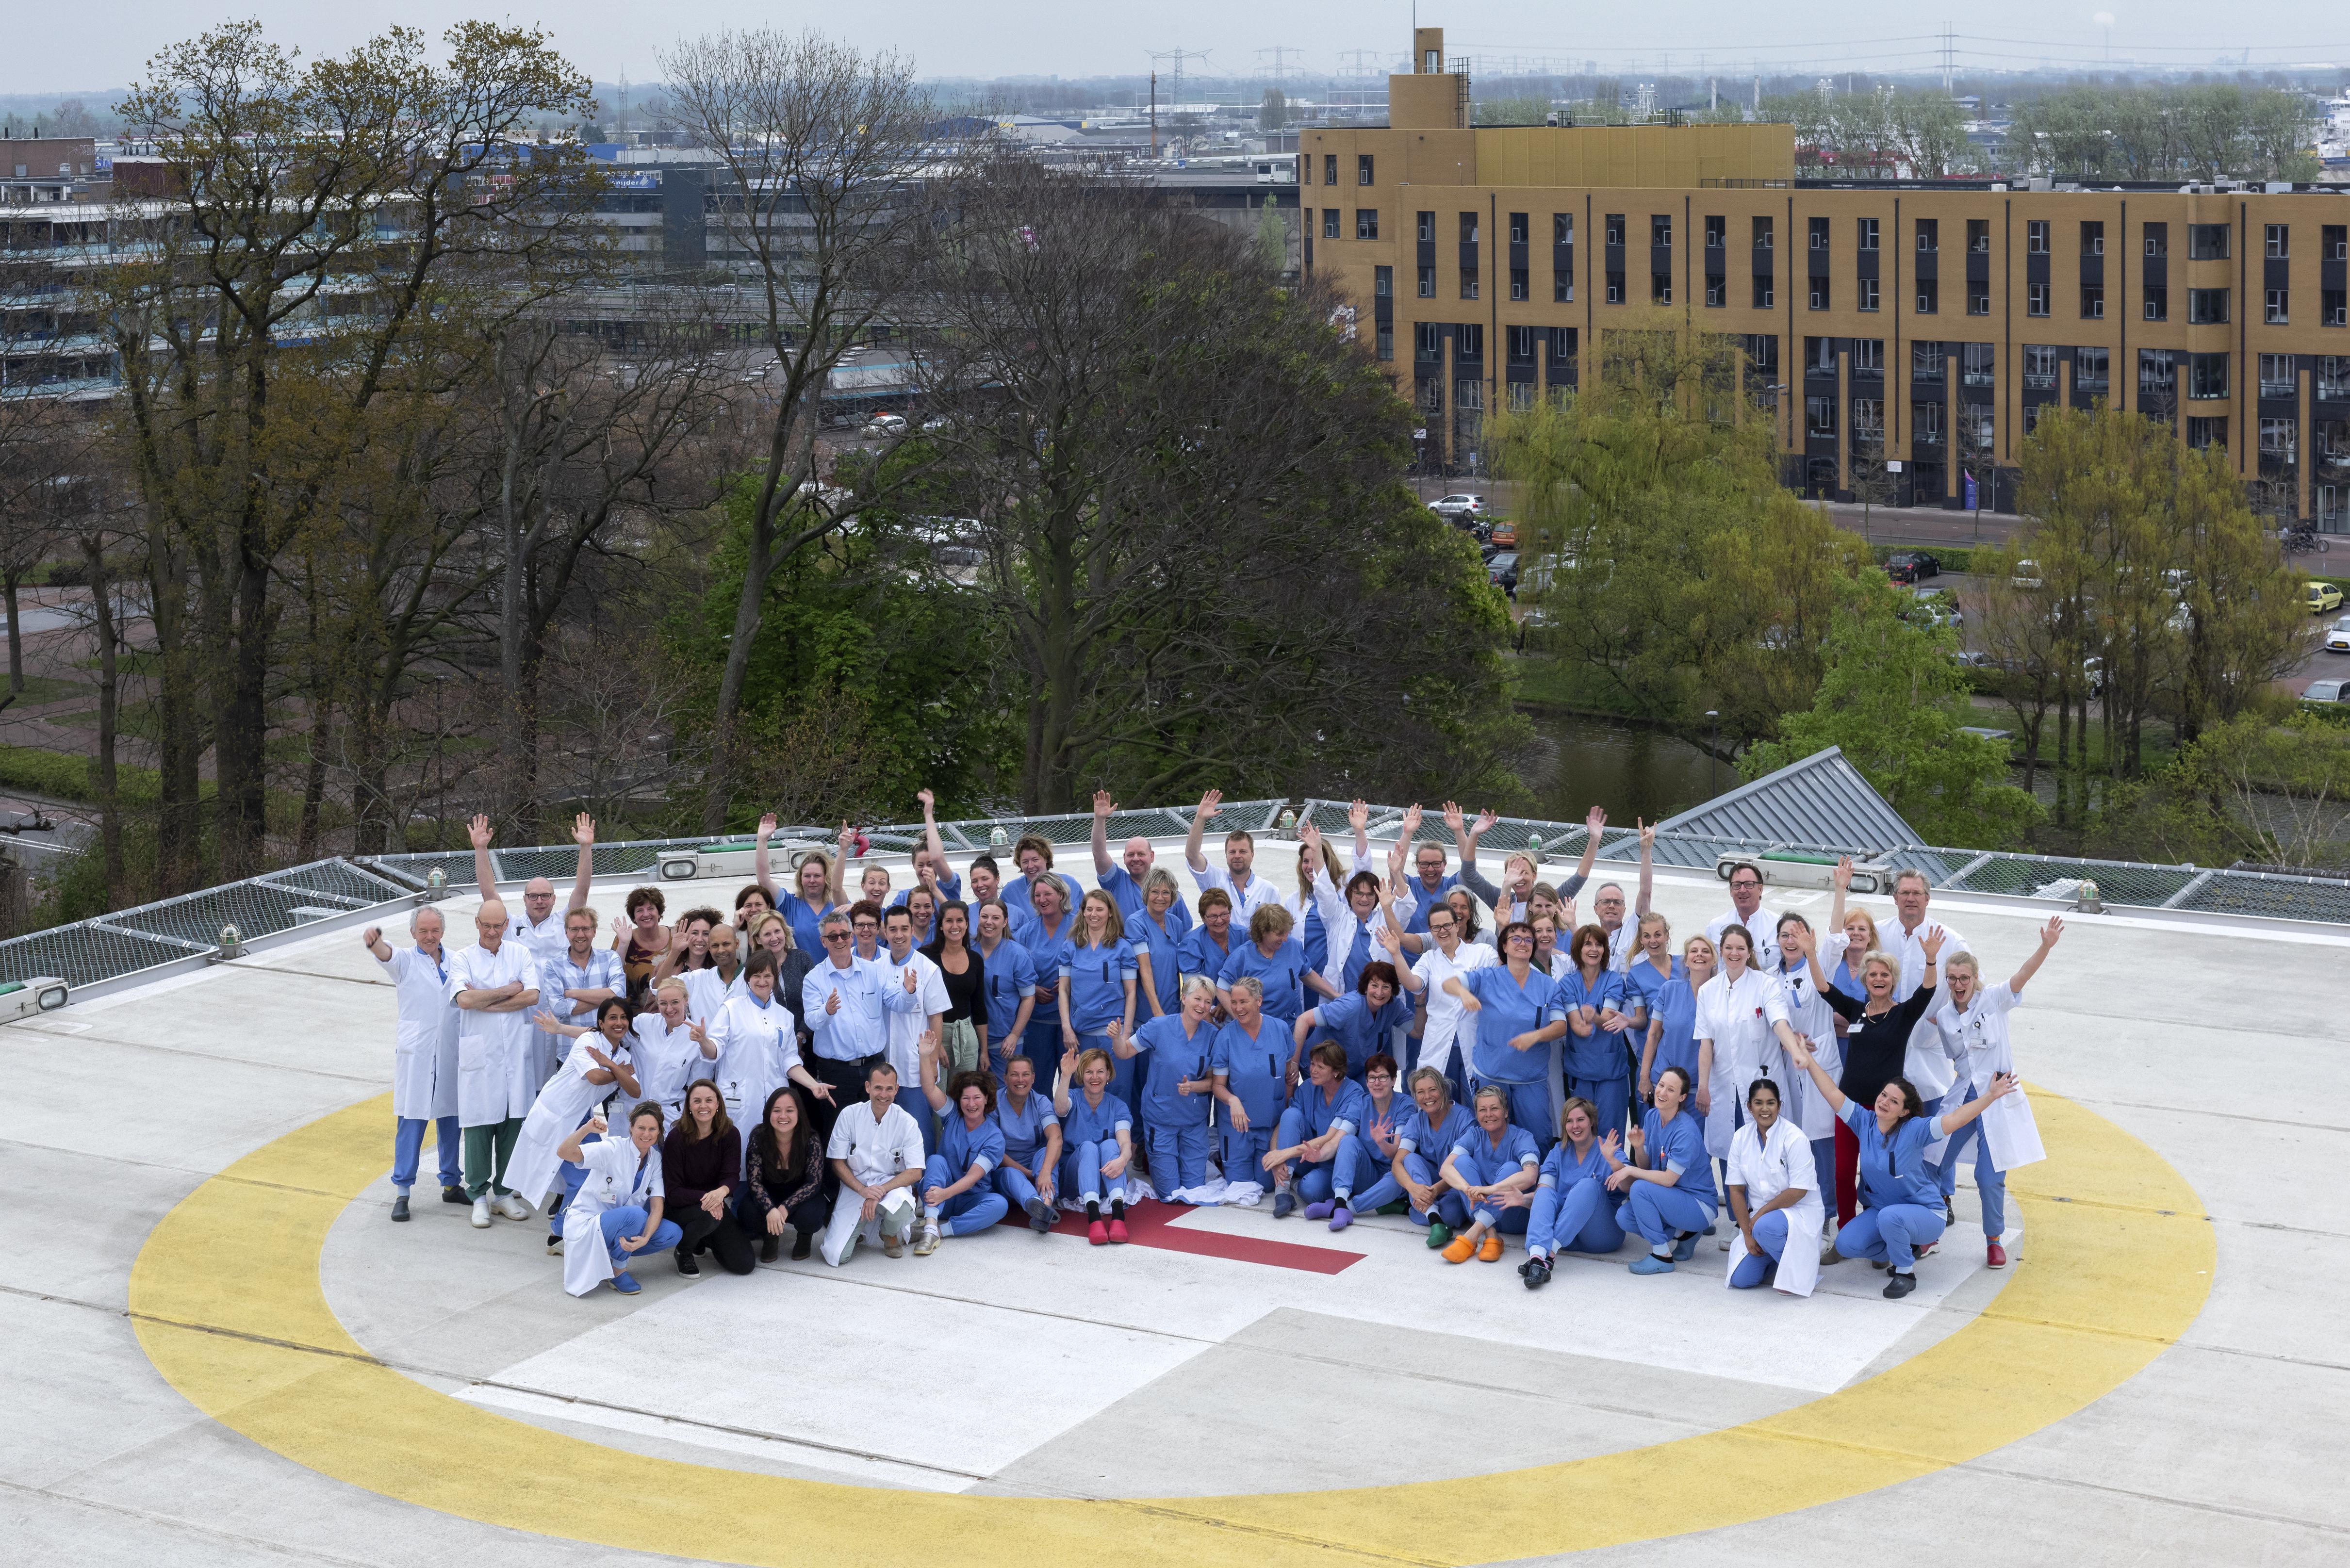 Medewerkers Brandwondencentrum Beverwijk poseren voor viering jubileum op helikopterdek